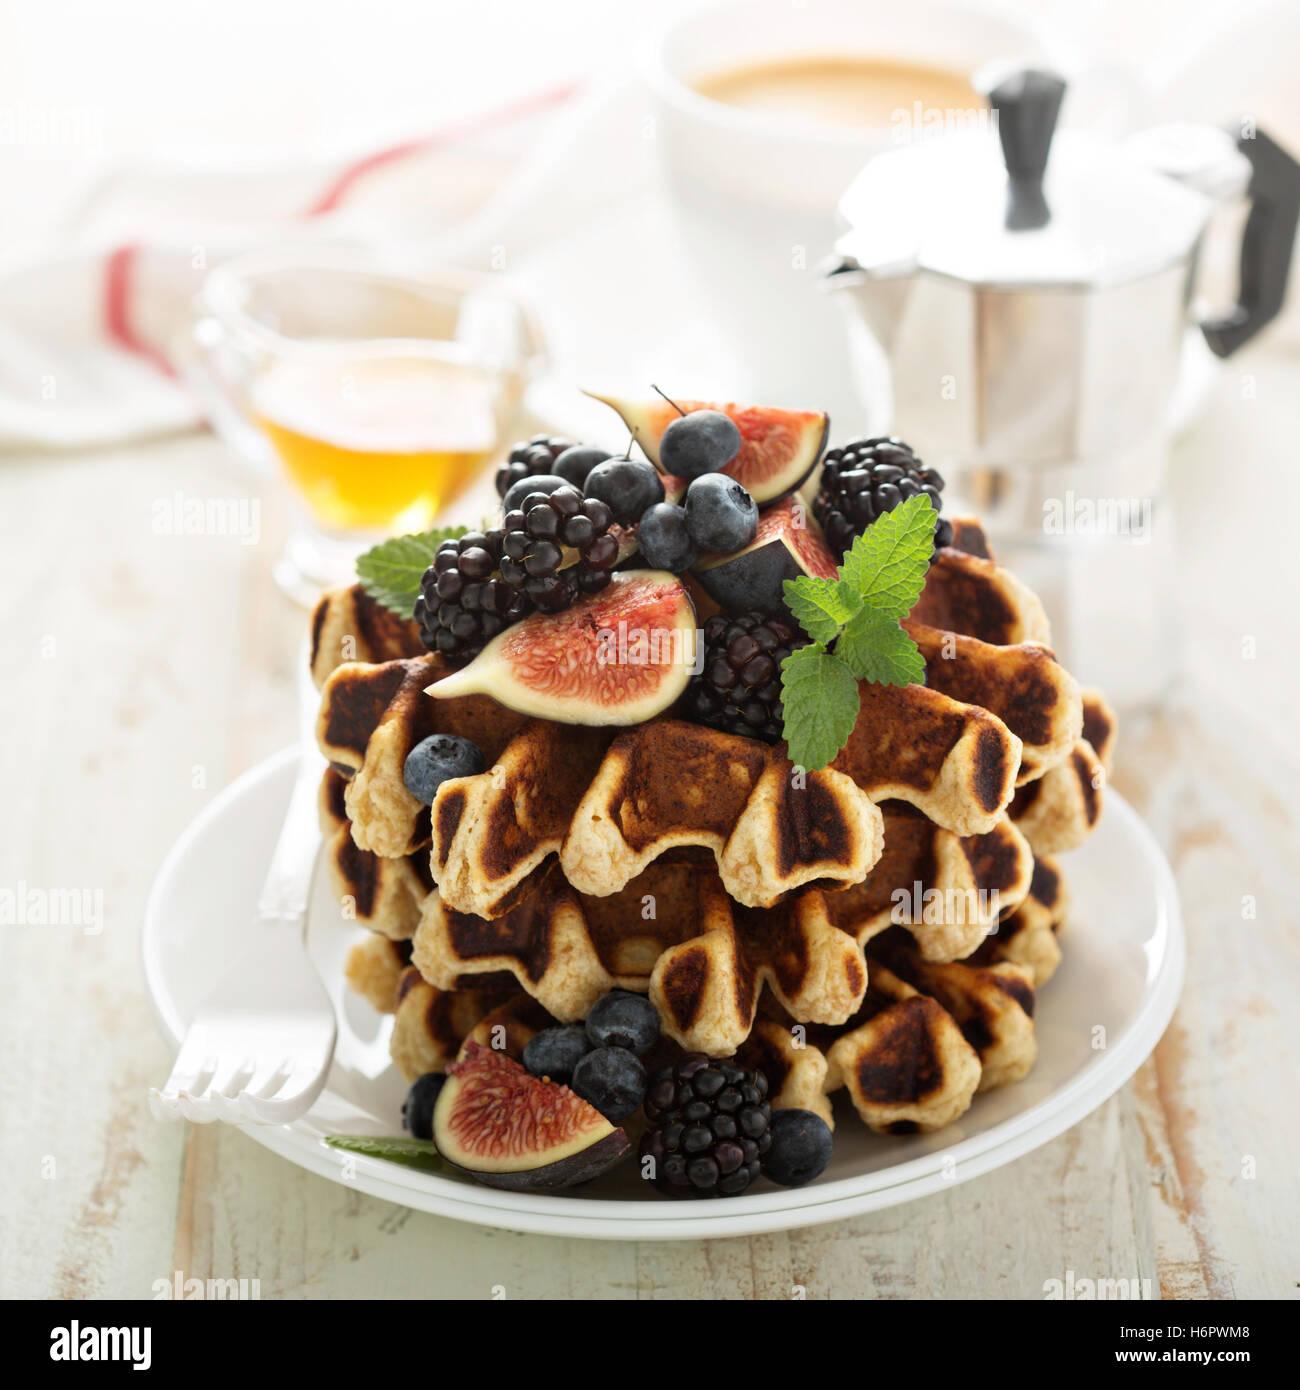 Desayuno esponjosos waffles con frutas frescas Imagen De Stock